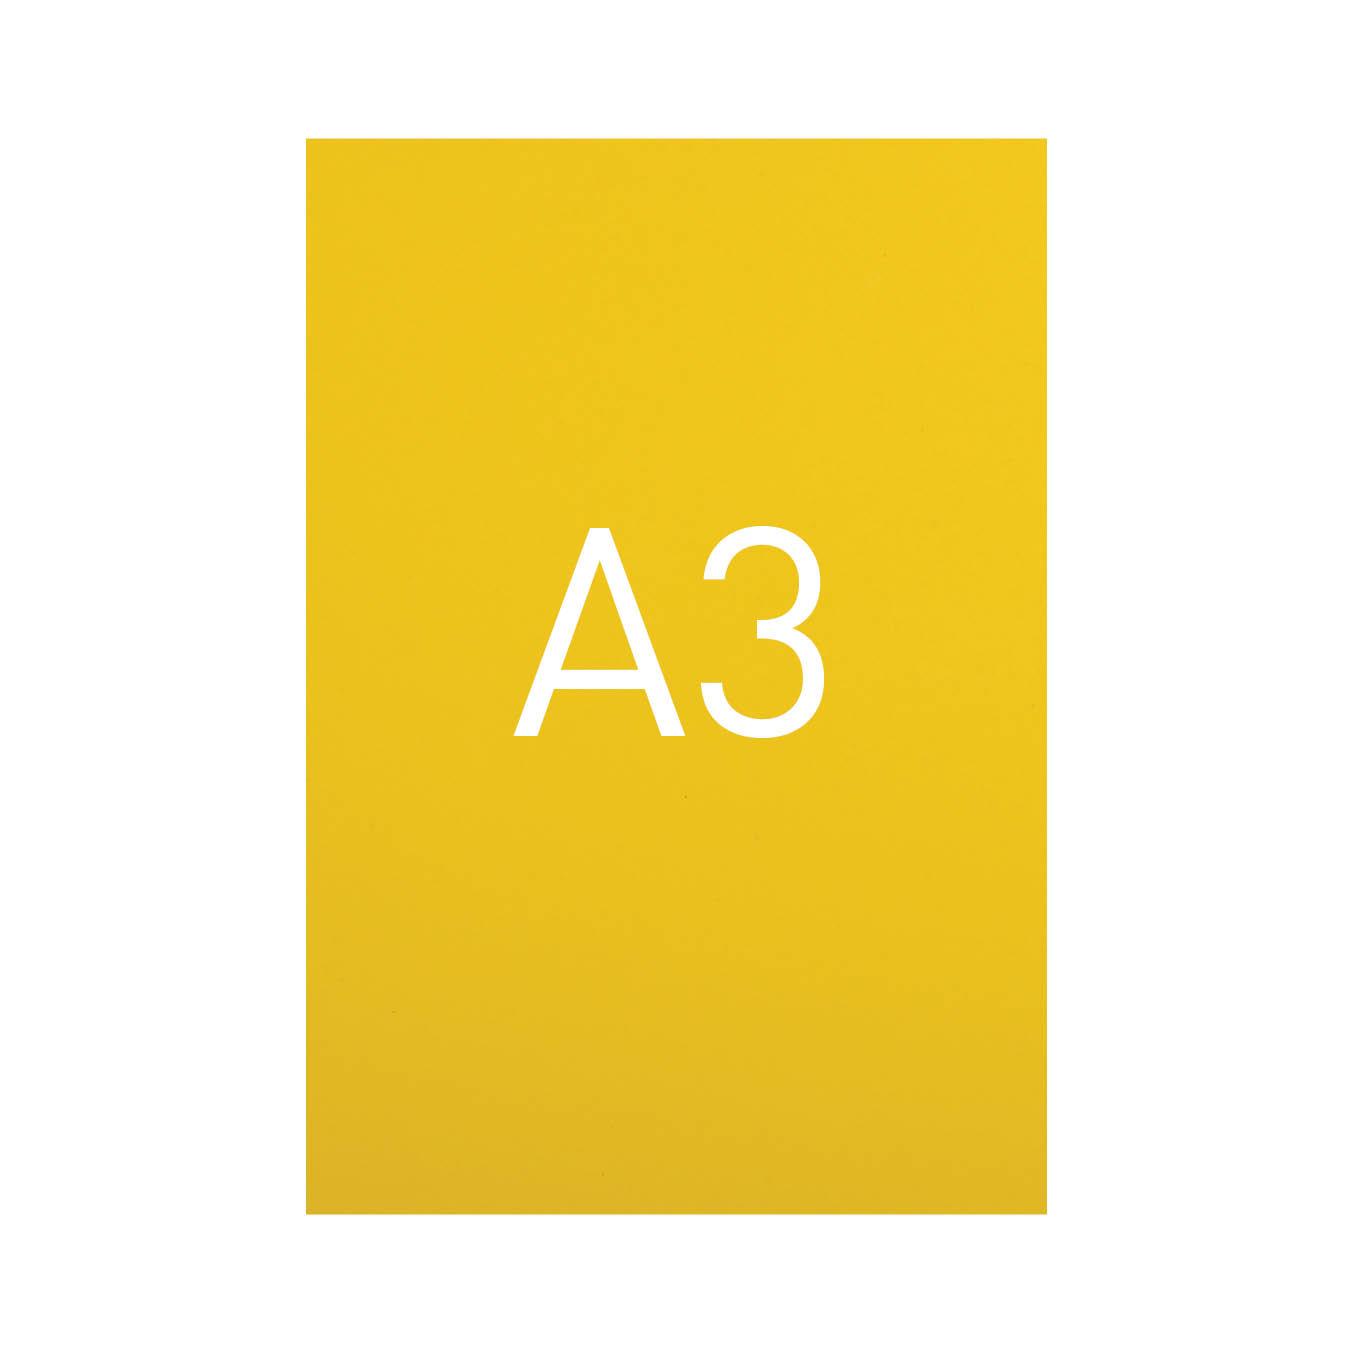 Miękka okładka kartonowa z połyskiem - O.EXCLUSIVE 420 x 297 mm (A3) - 100 arkuszy - żółty